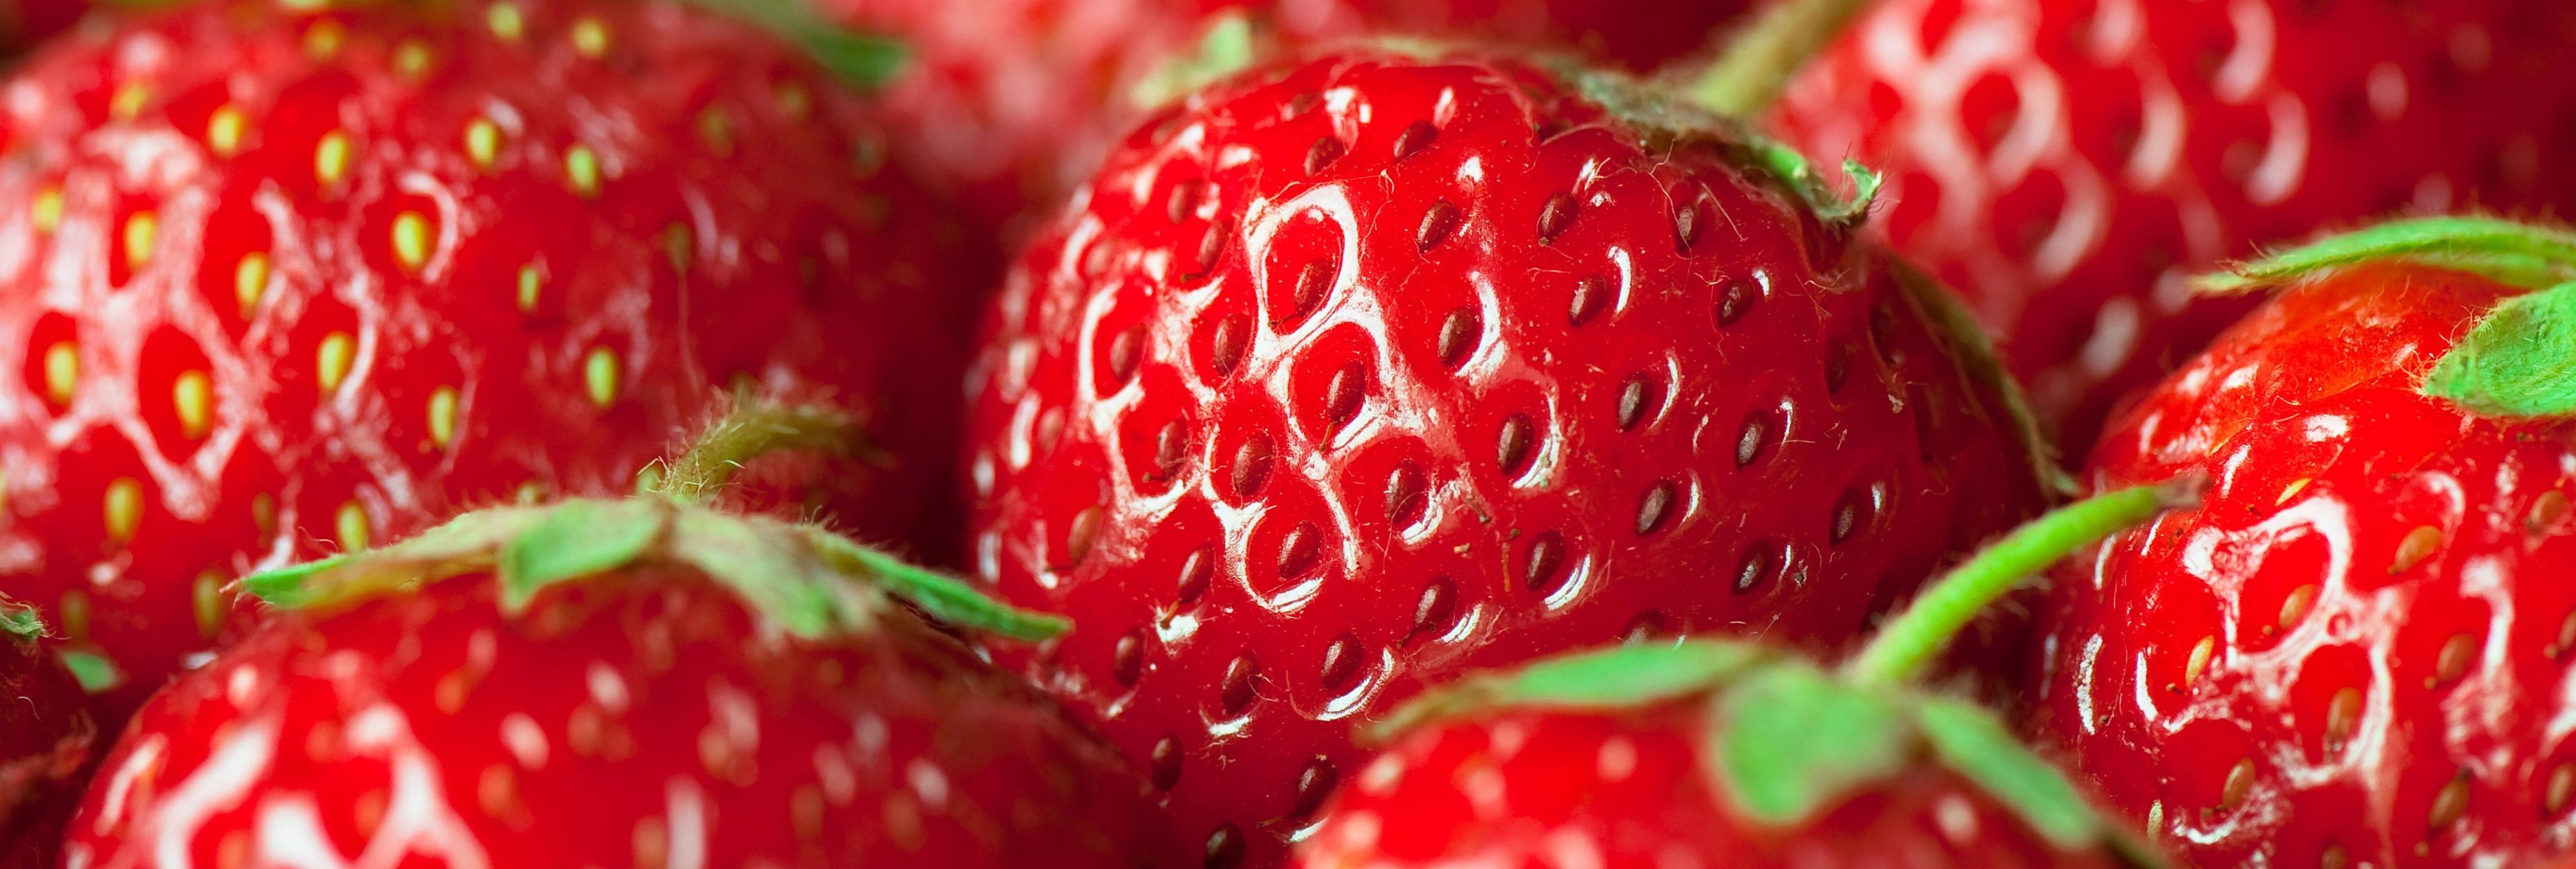 Te has estado comiendo fresones cuando creías que eran fresas: te explicamos la diferencia